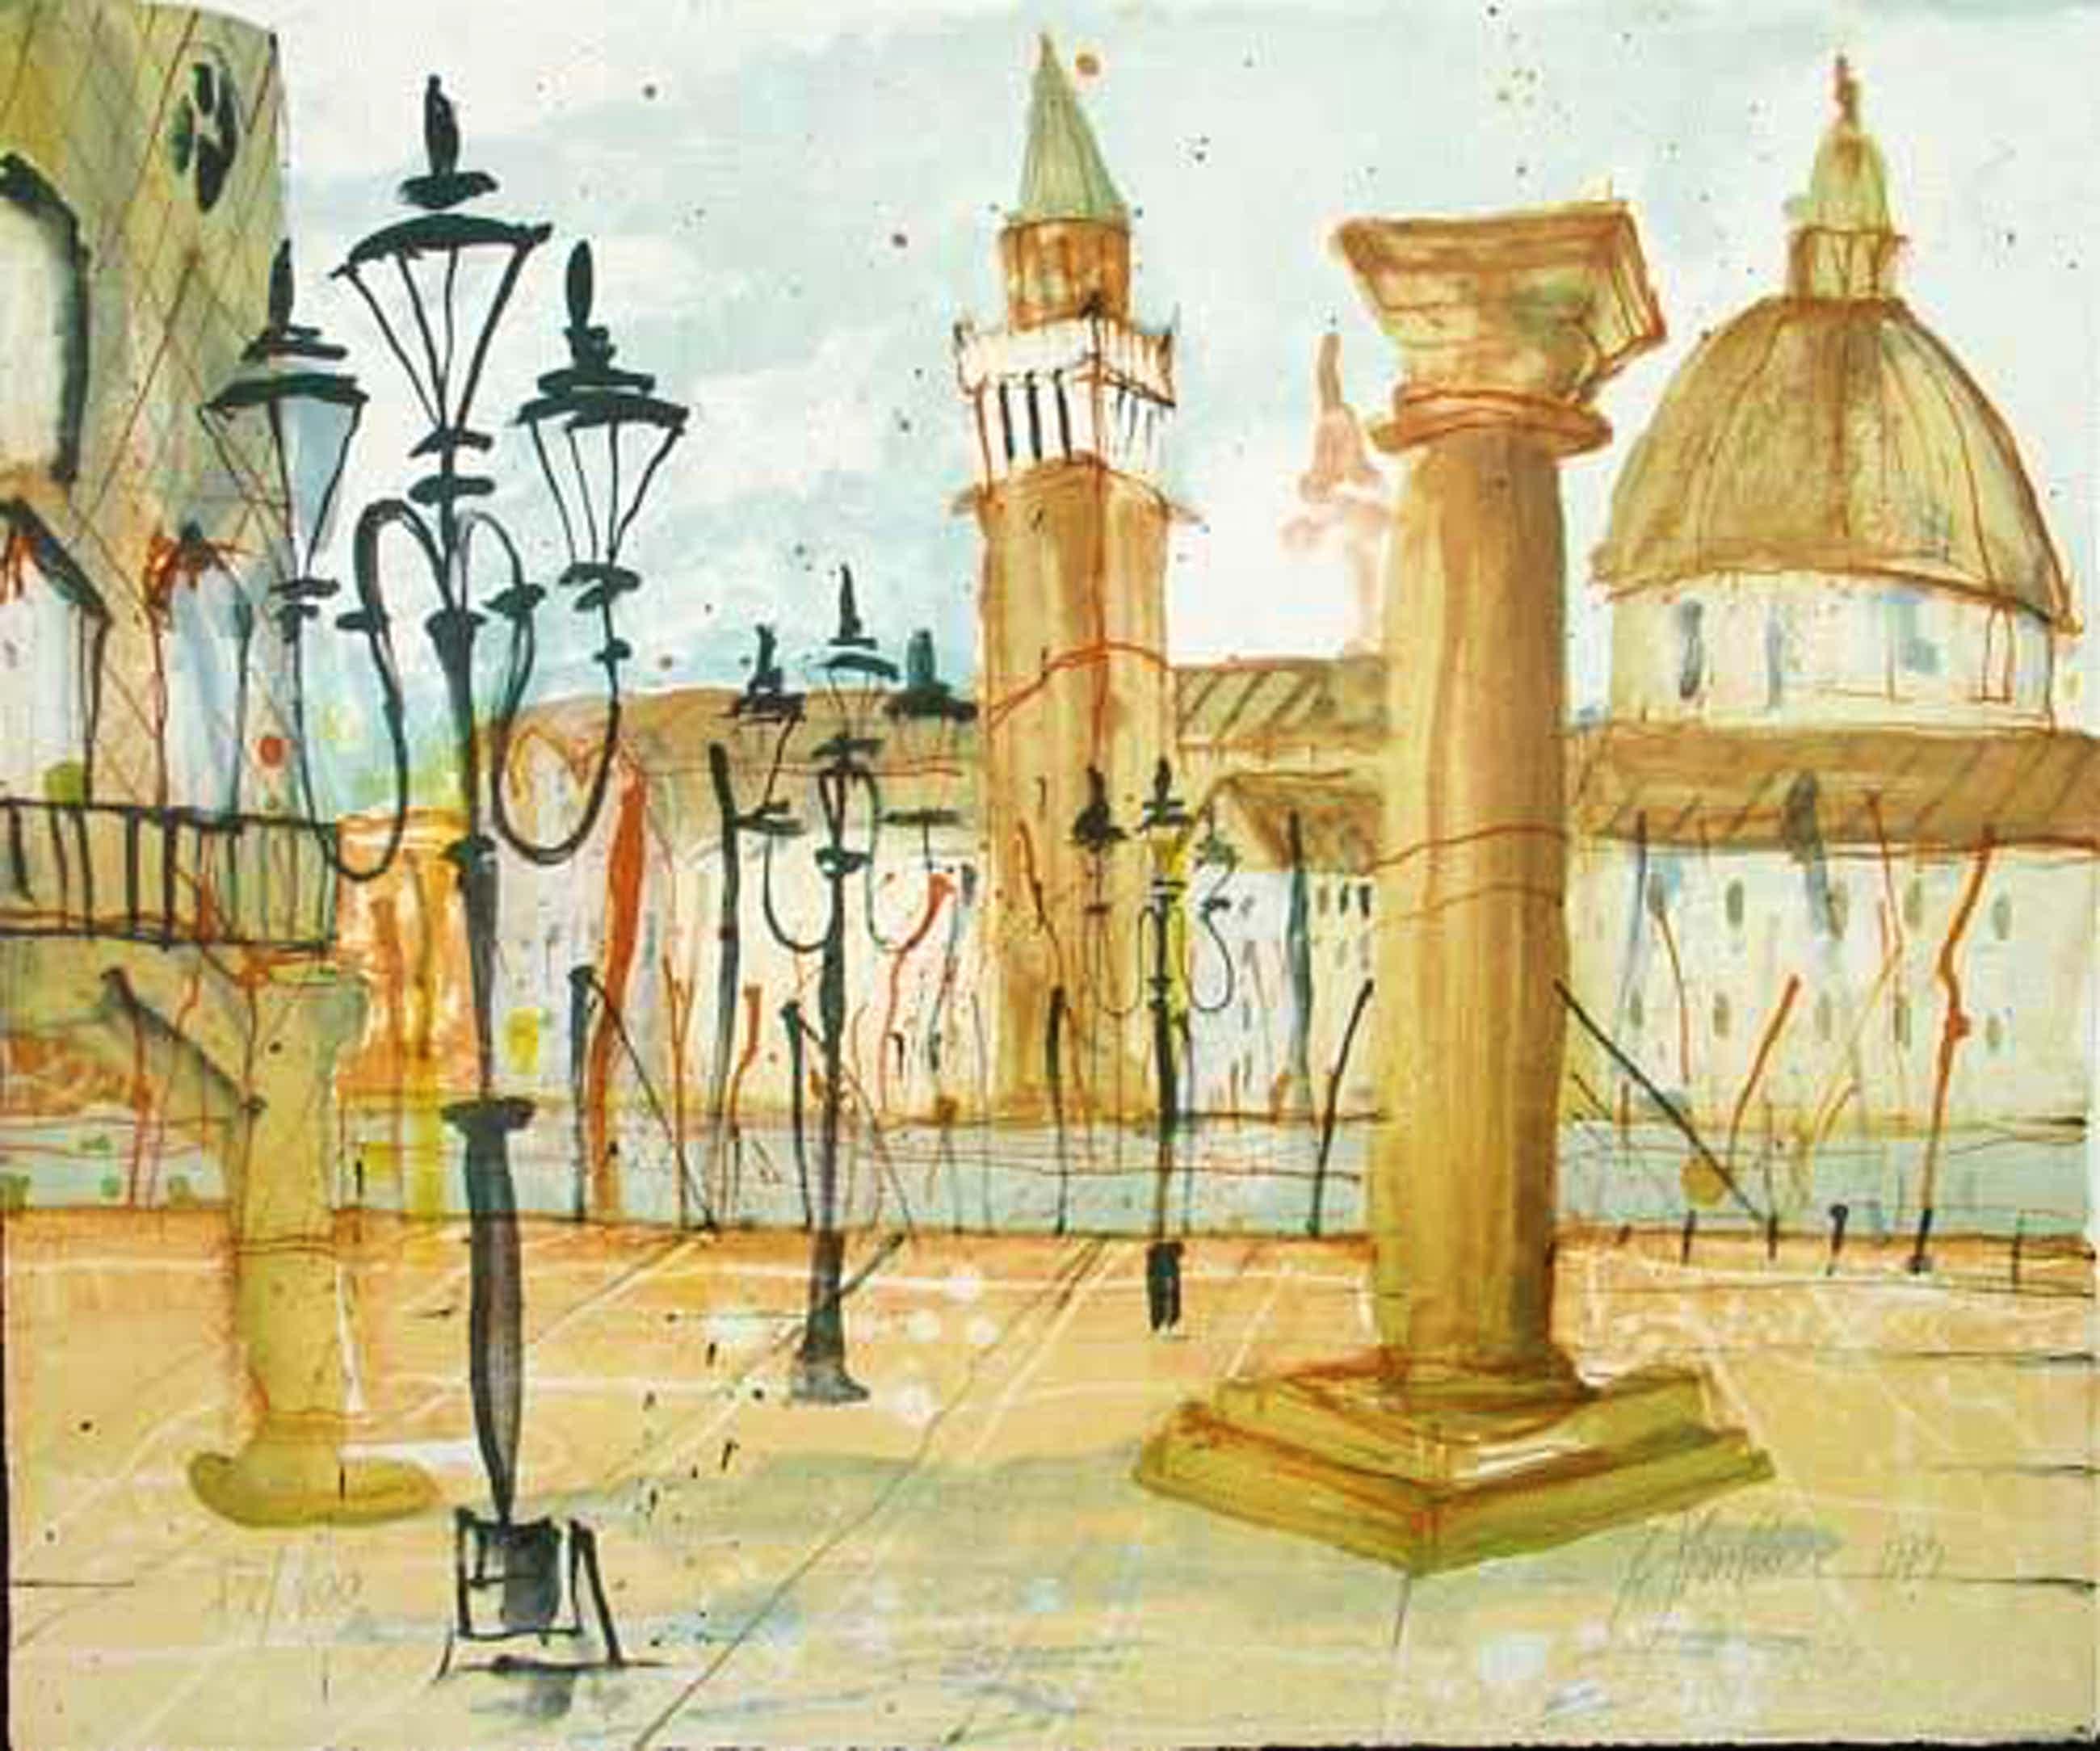 Gerhard Almbauer - Venedig, Farblithografie, handsigniert, nummeriert kopen? Bied vanaf 190!